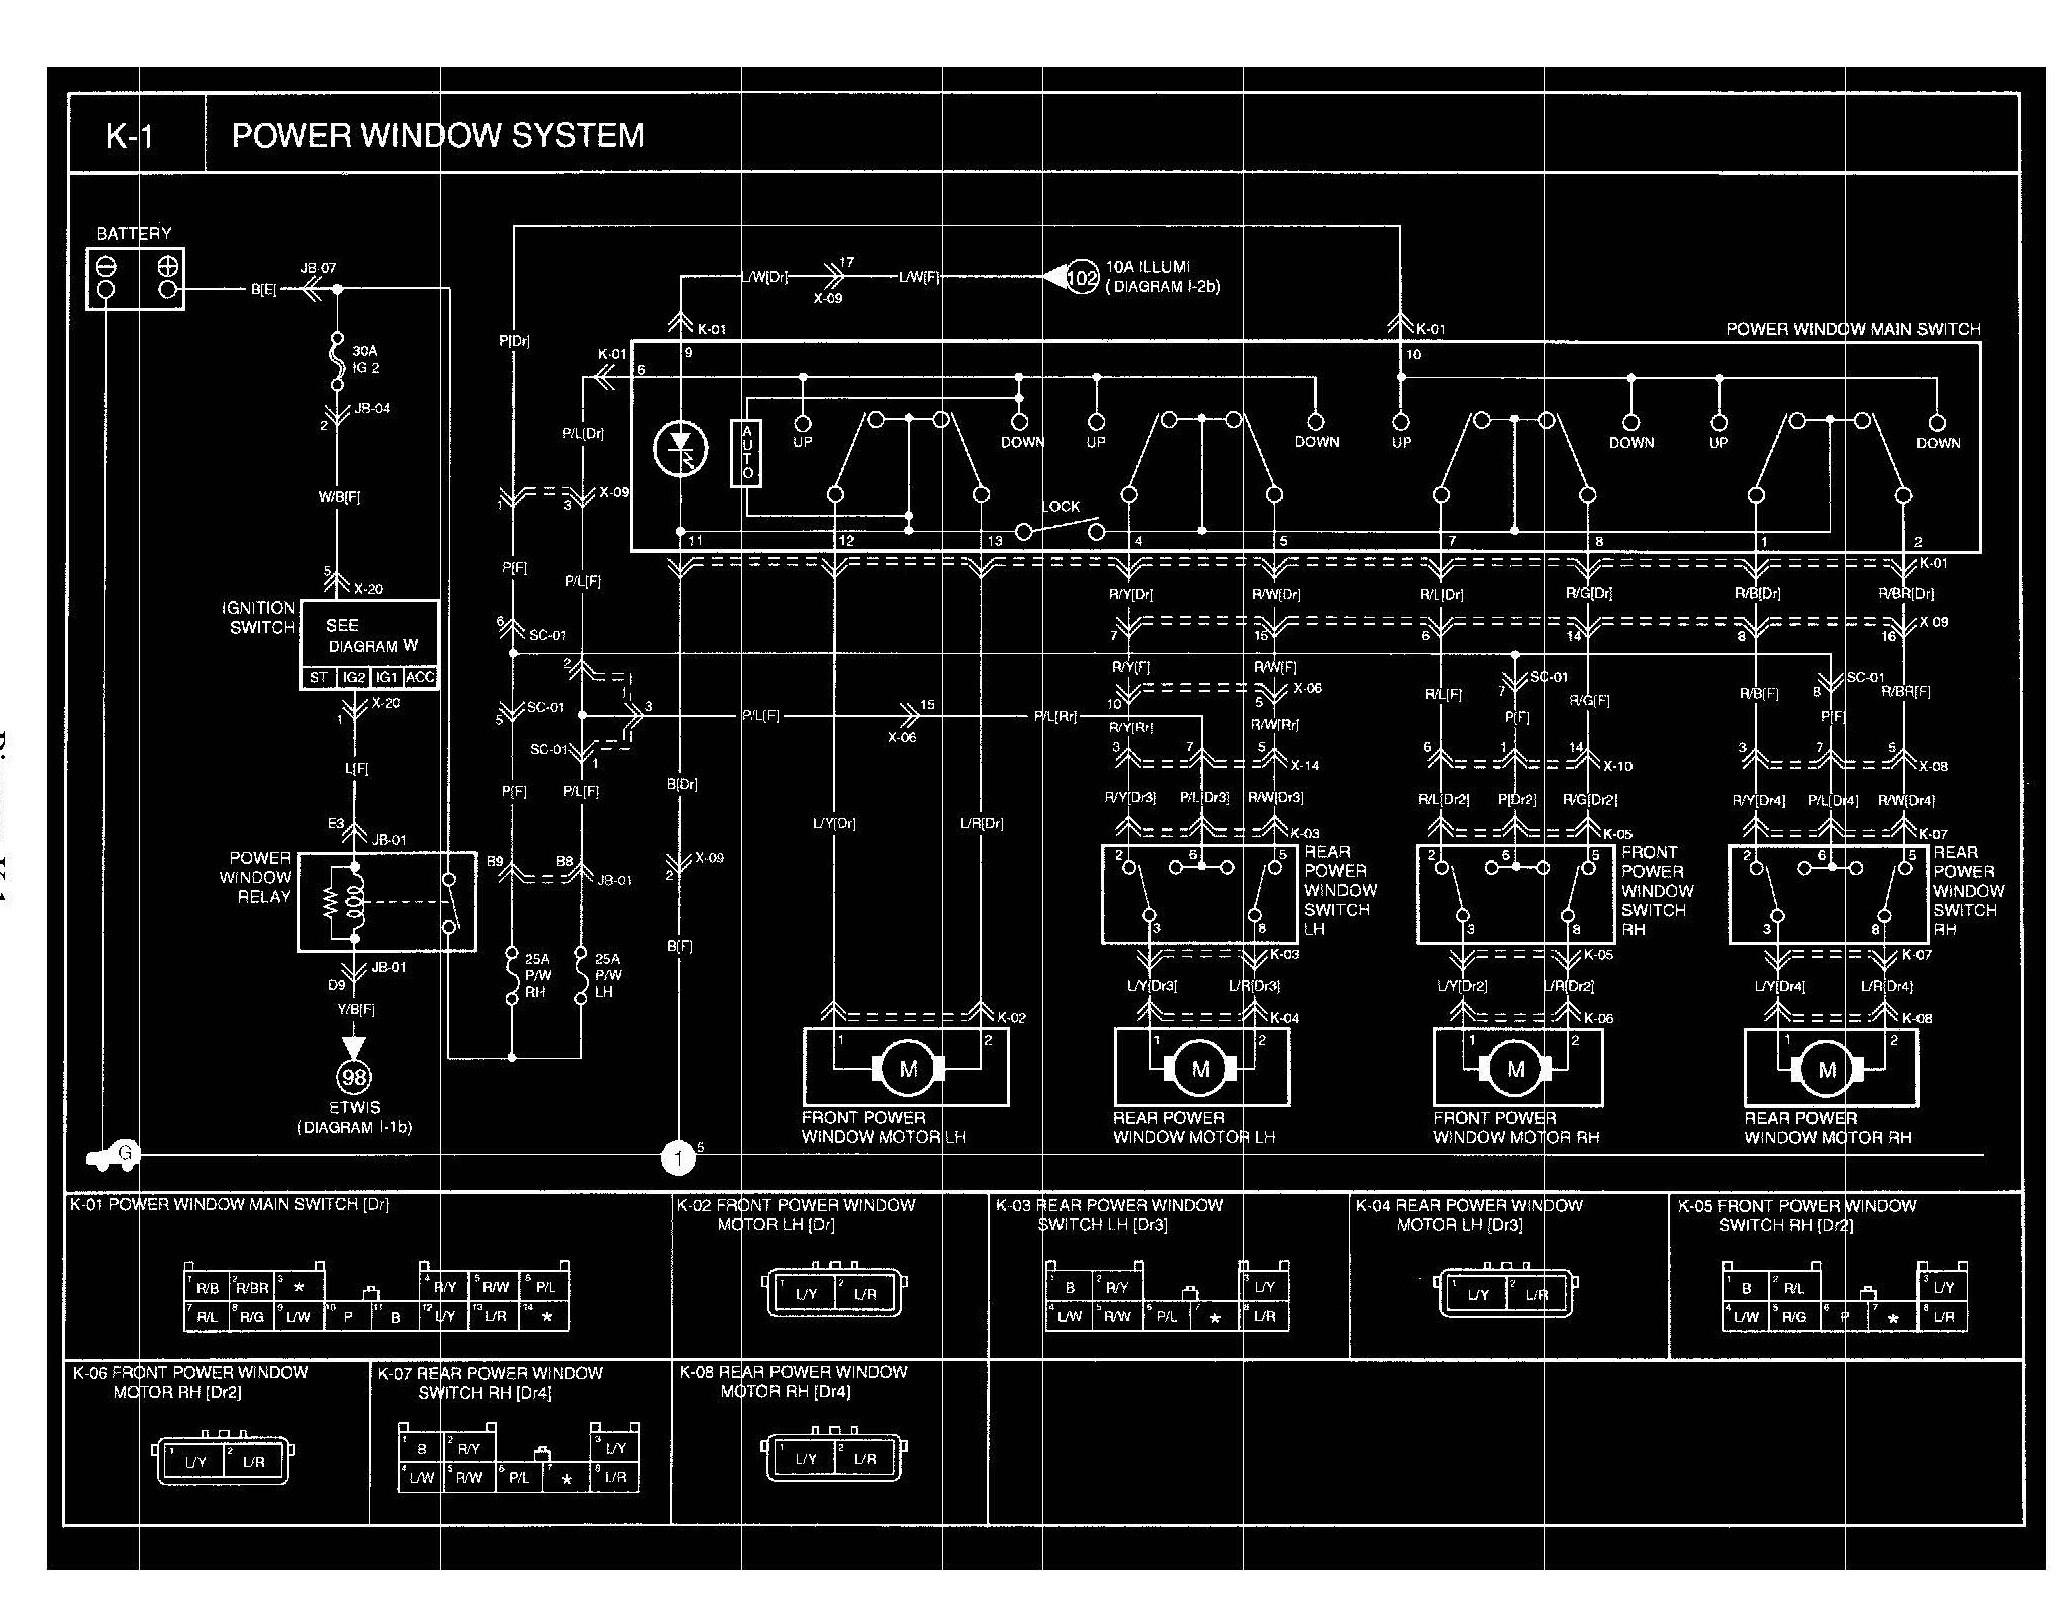 2004 Kia sorento Parts Diagram 2003 Kia Spectra Parts Diagram Wiring Schematic Wiring Of 2004 Kia sorento Parts Diagram